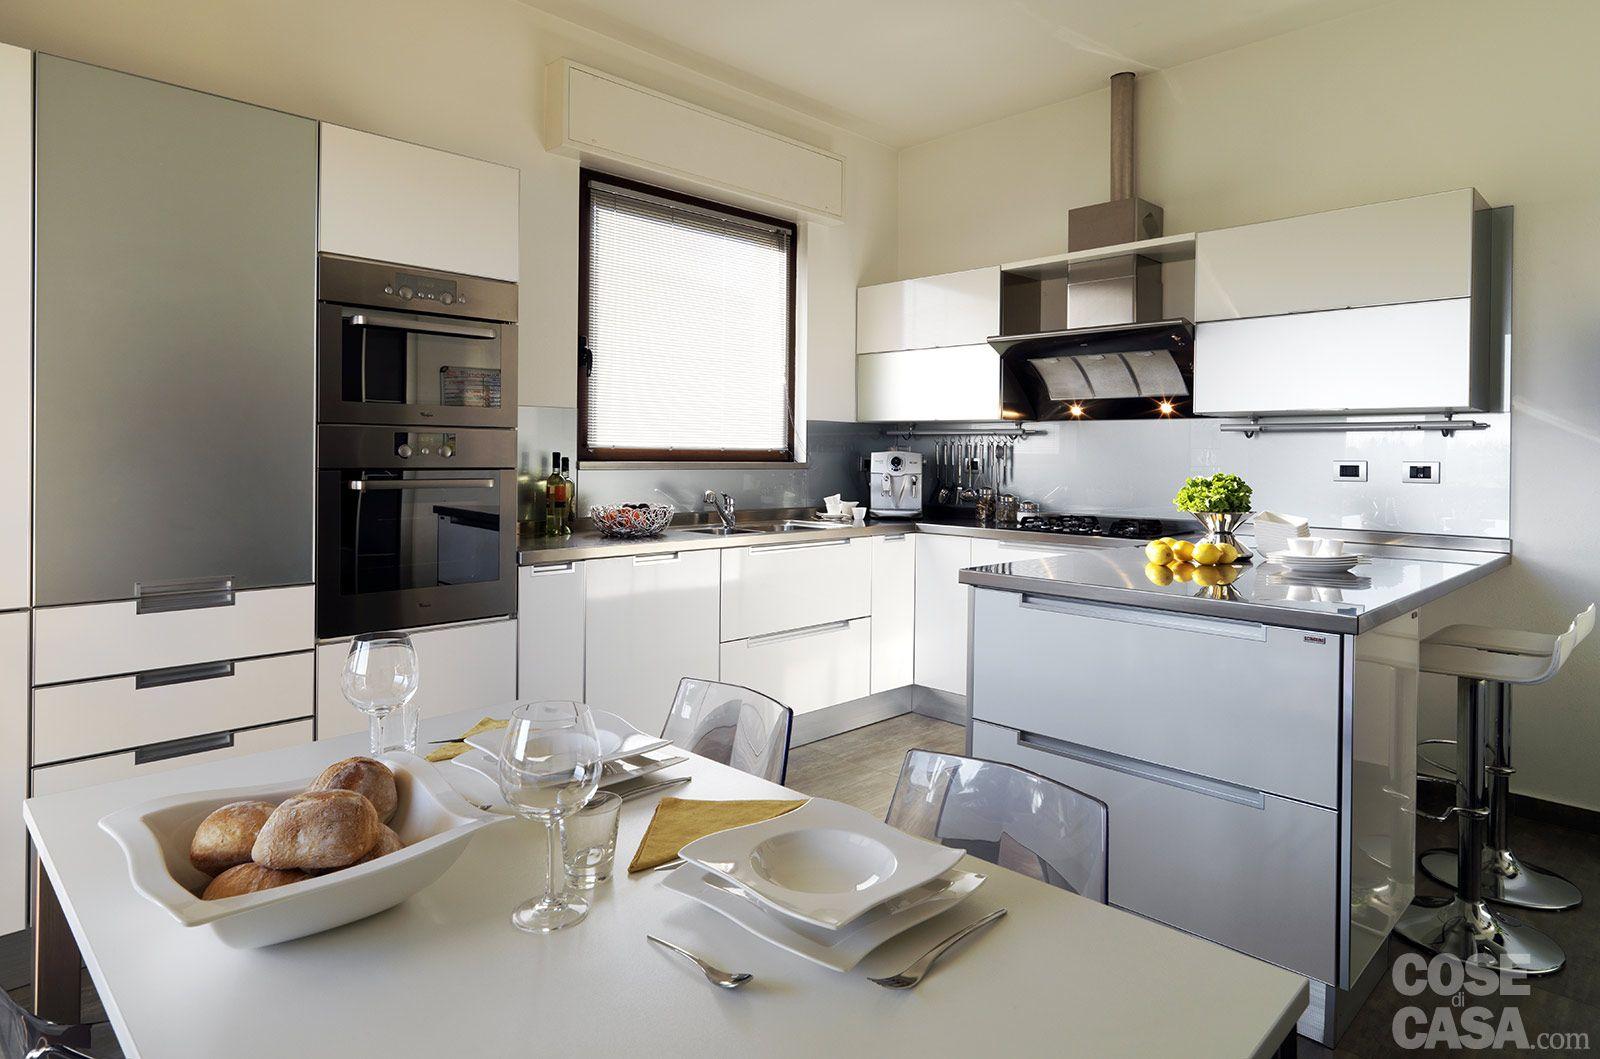 Risultati immagini per architetto arreda cucina rettangolare cucine pinterest house - Architetto arreda ...